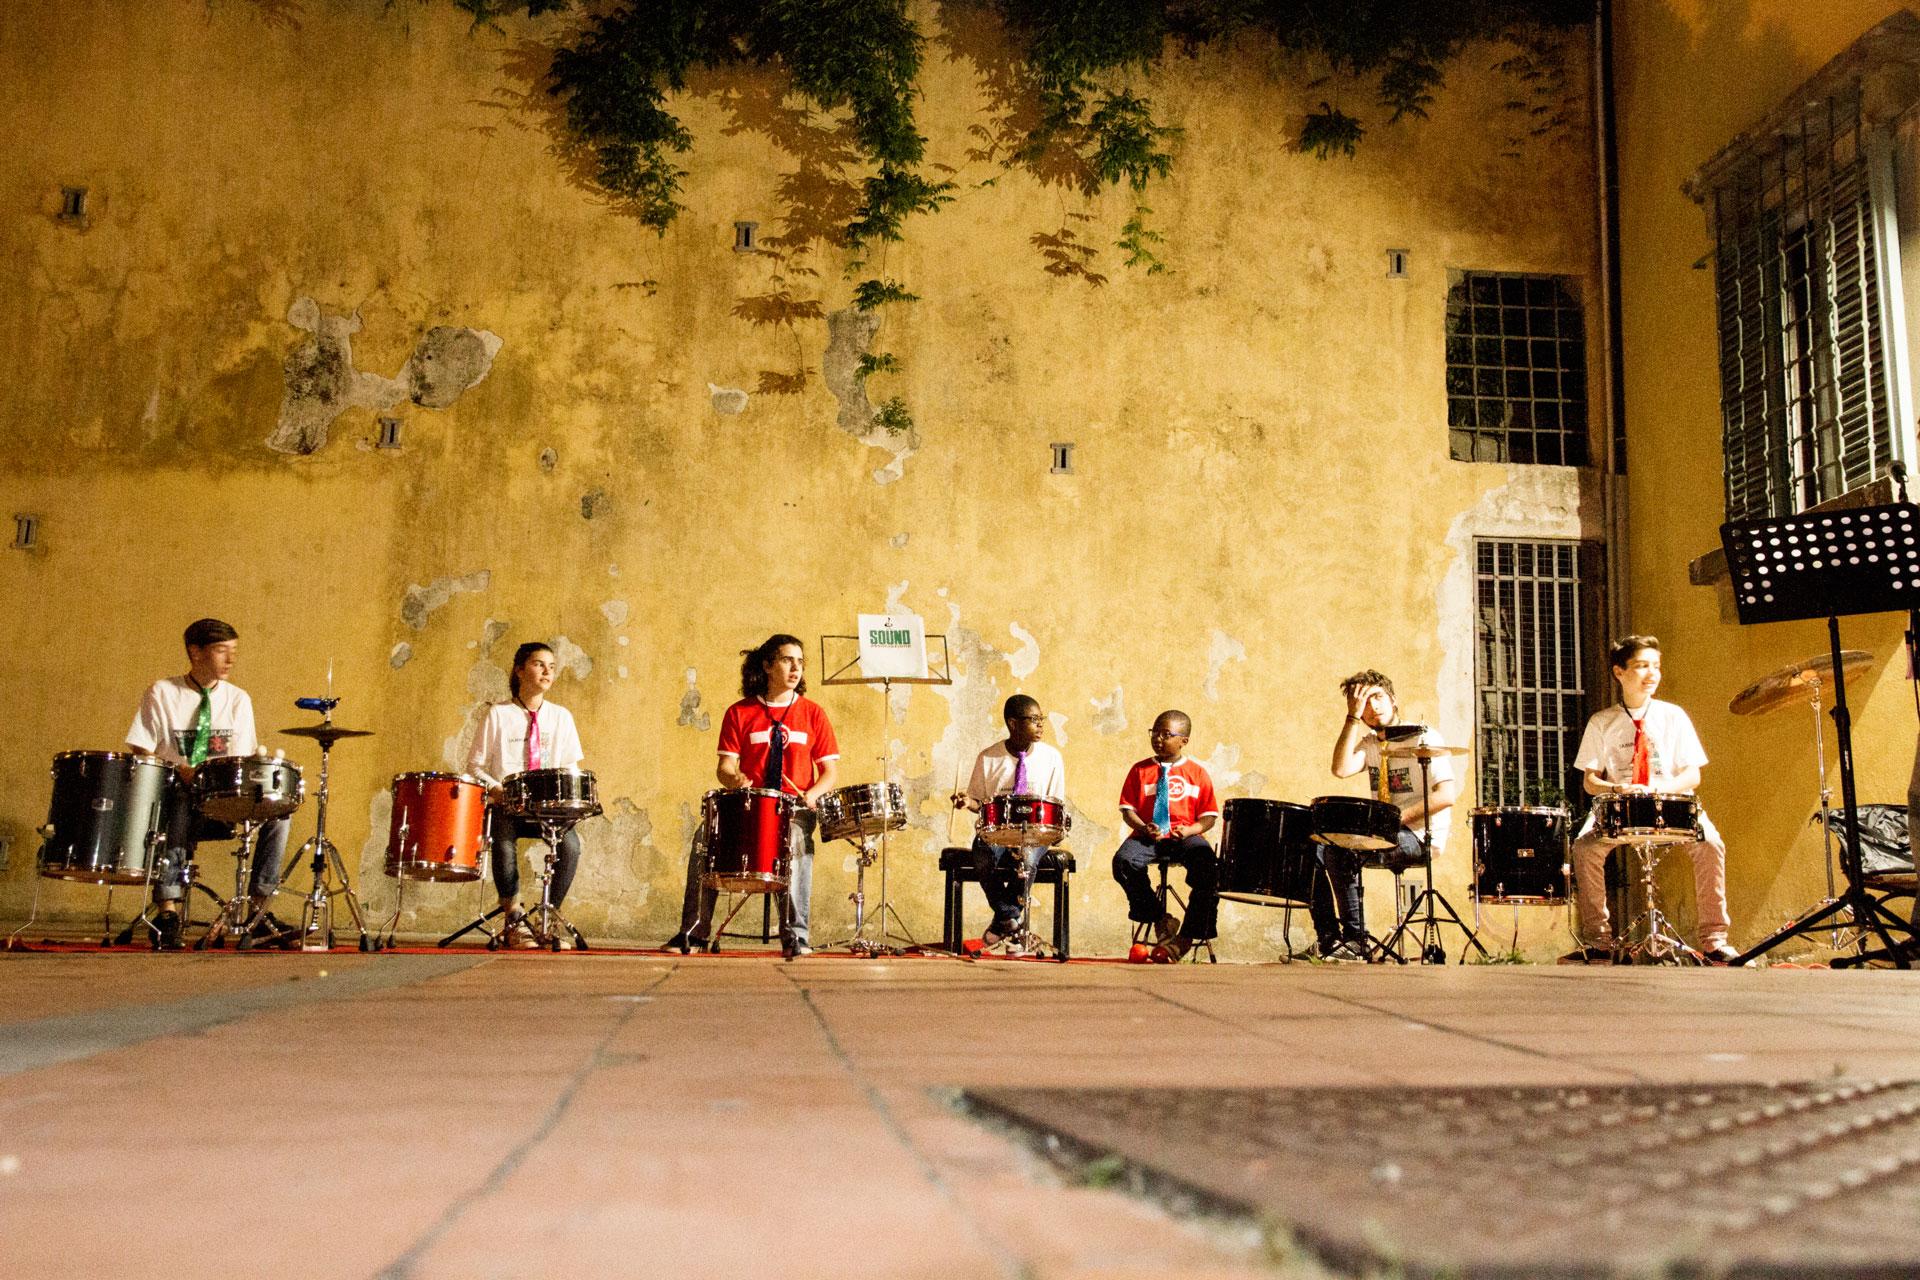 Musica a San Piero a Sieve